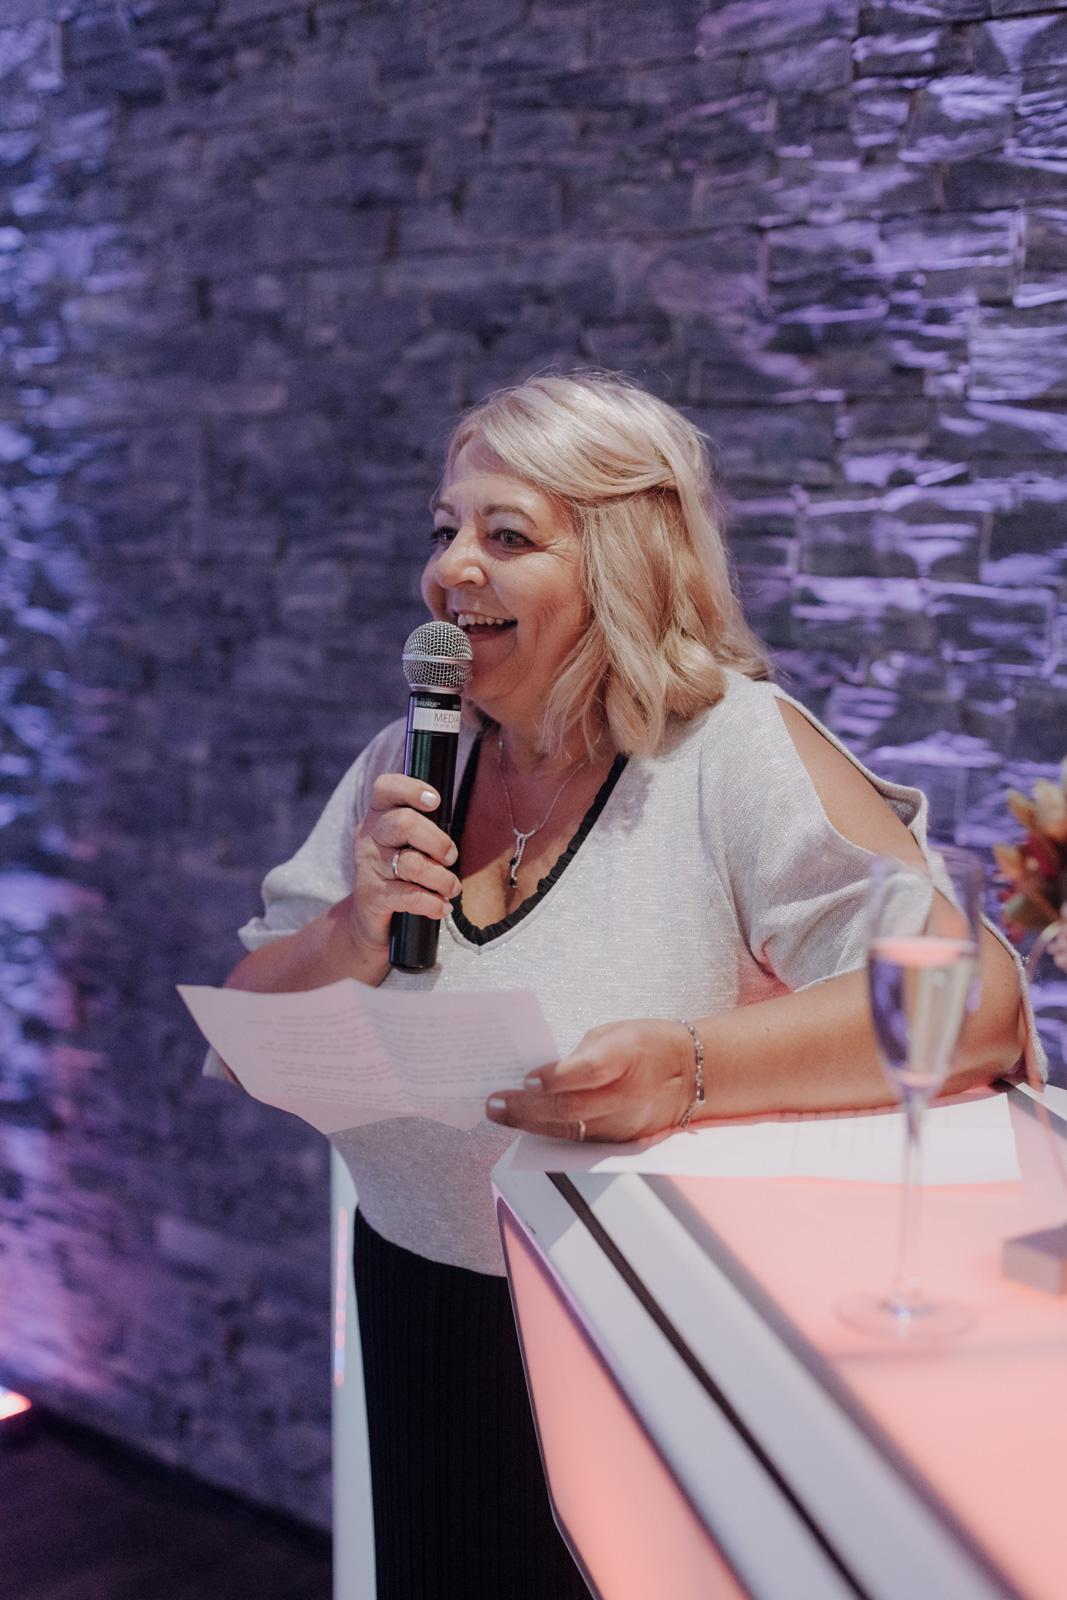 hochzeit-janina-und-christian_website_jasminjohanna_72dpi_80pz_1600-Janina&Christian–Feier–Auswahl–sRGB–200ppi–90pz-27